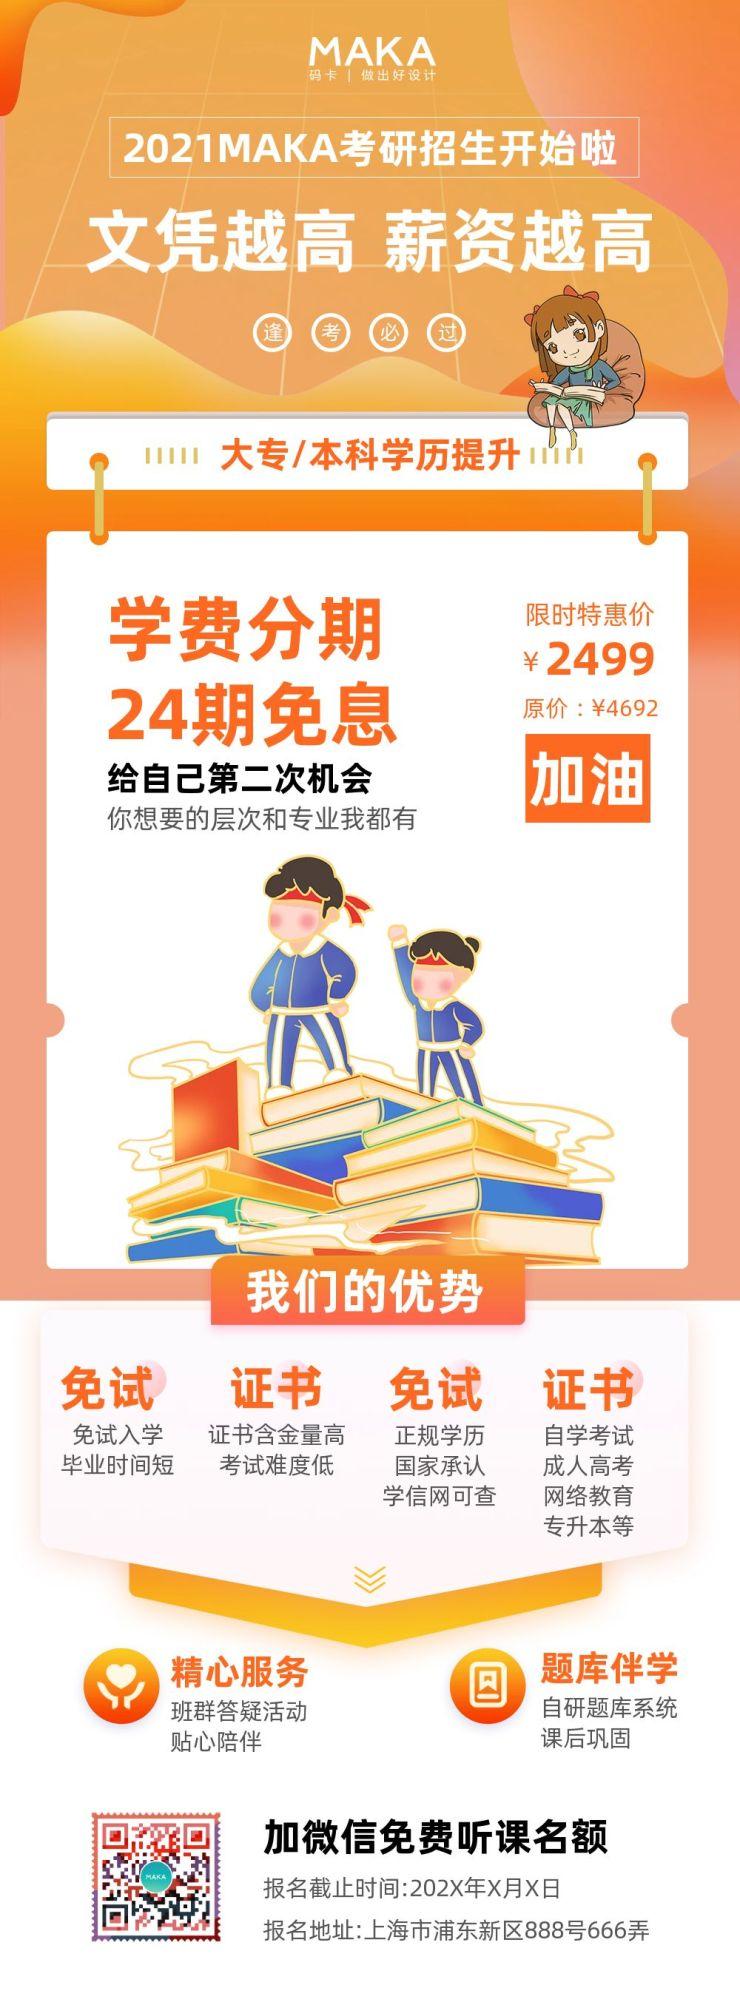 橙色奋斗卡通风教育行业考研/学历提升招生宣传推广长图模板